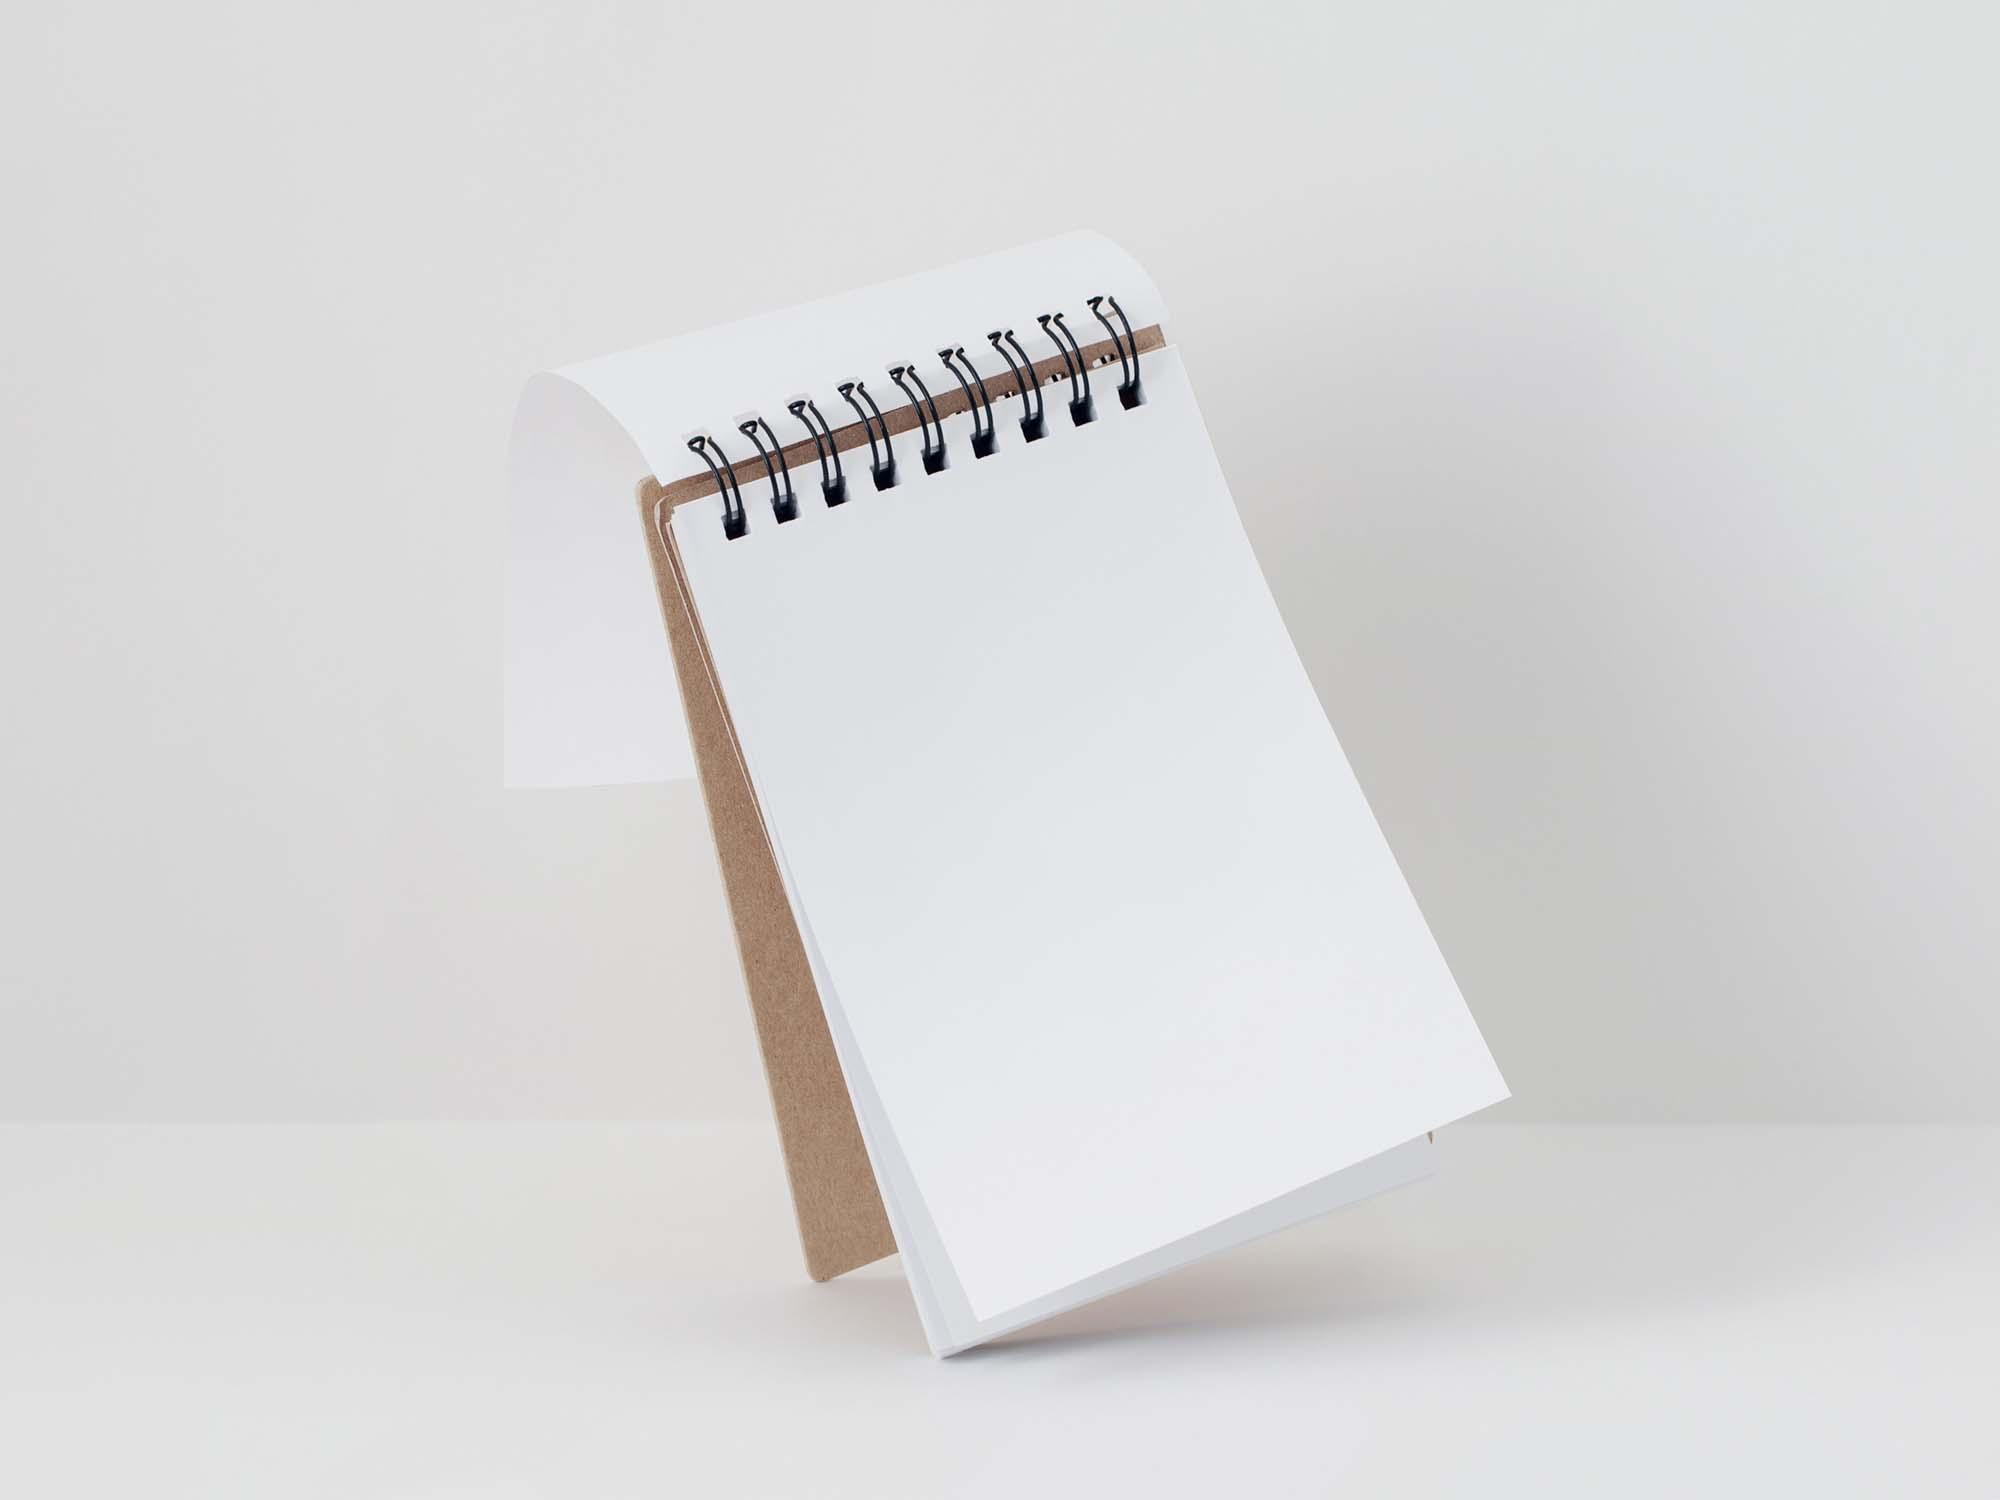 Notepad Mockup 1